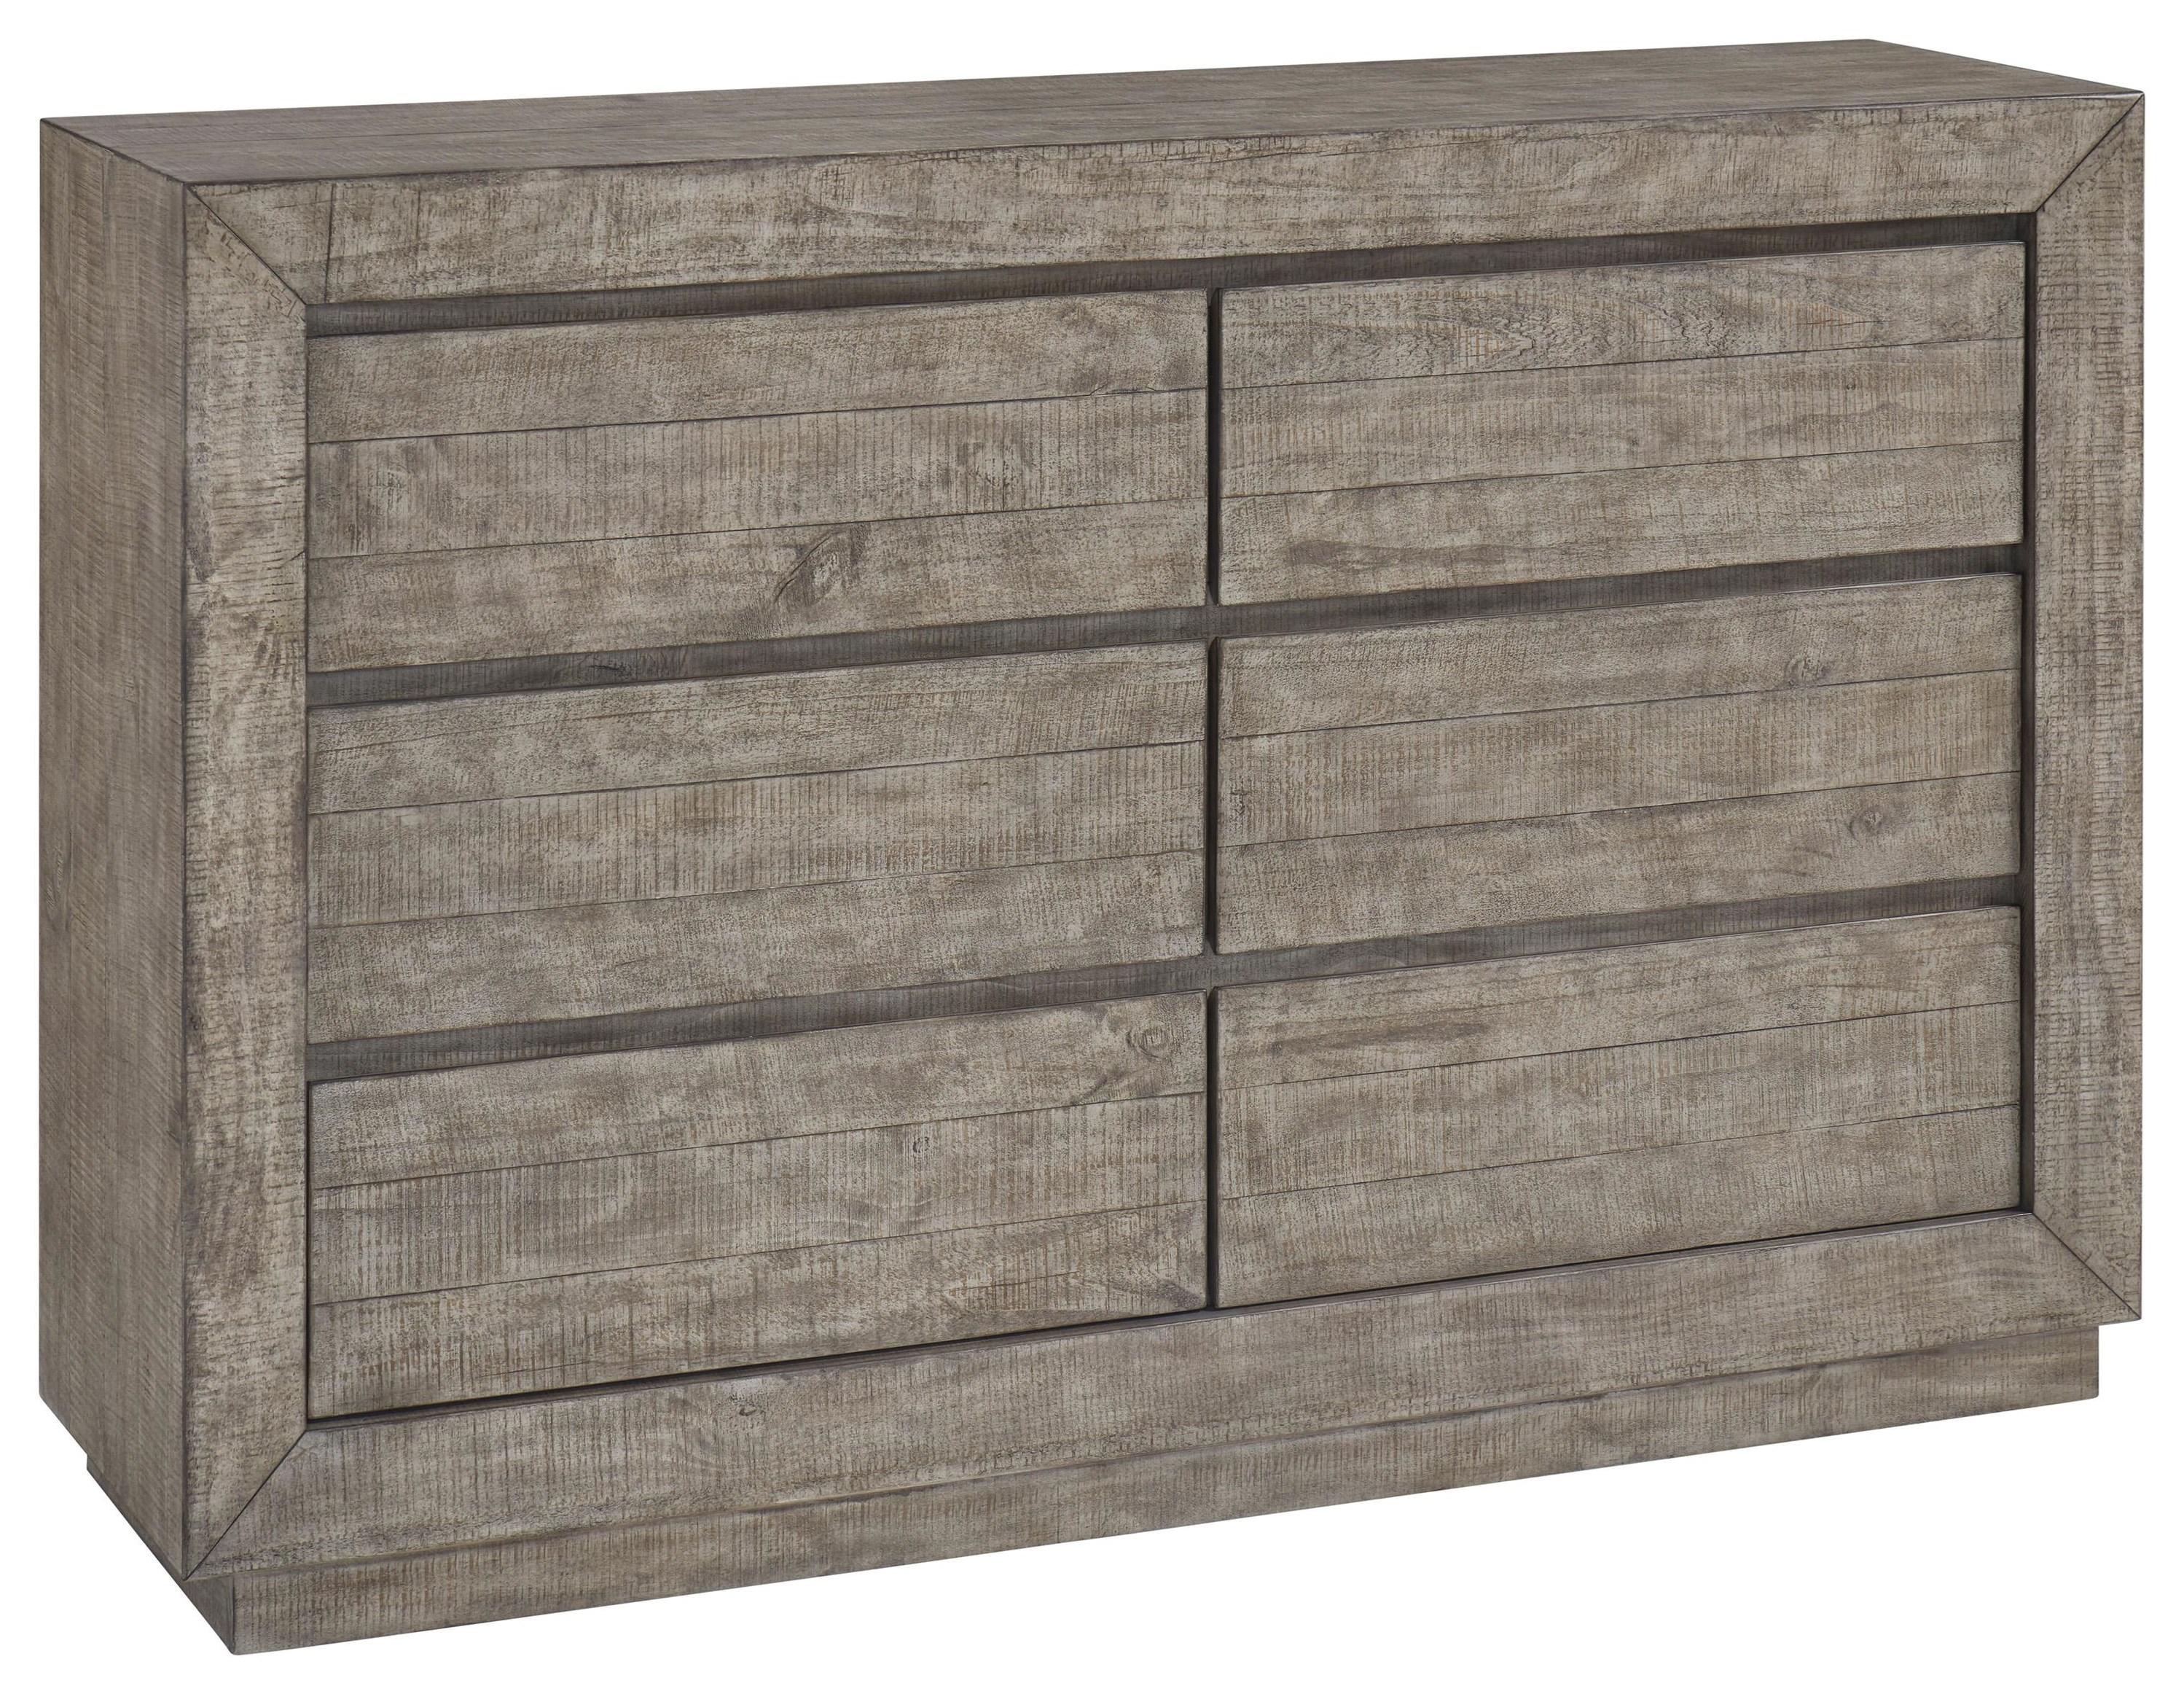 Langford Dresser by Millennium at Sam Levitz Furniture